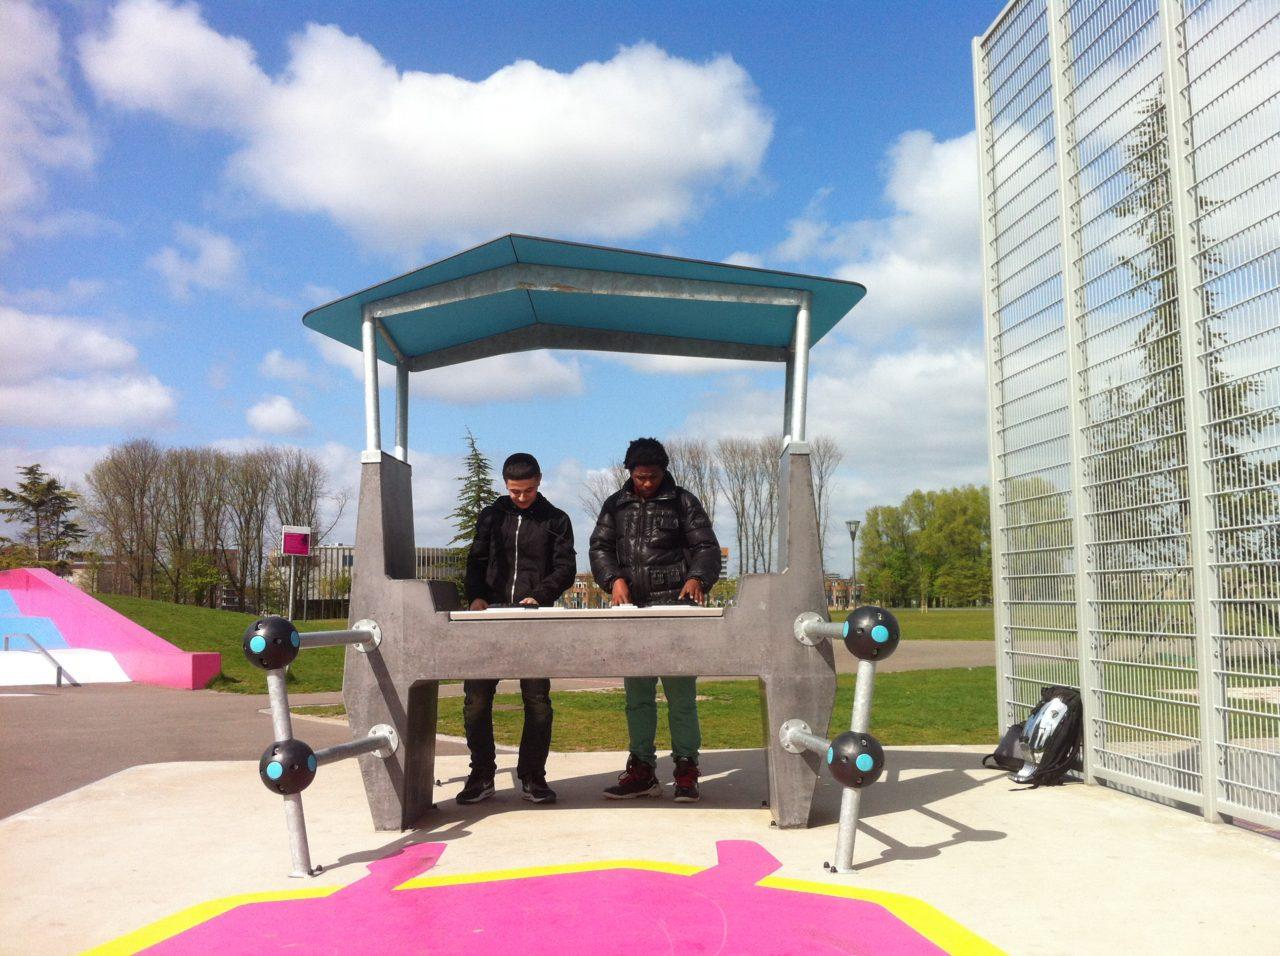 Yalp Fono - DJ Pult - In Amsterdam im öffentlichen Raum